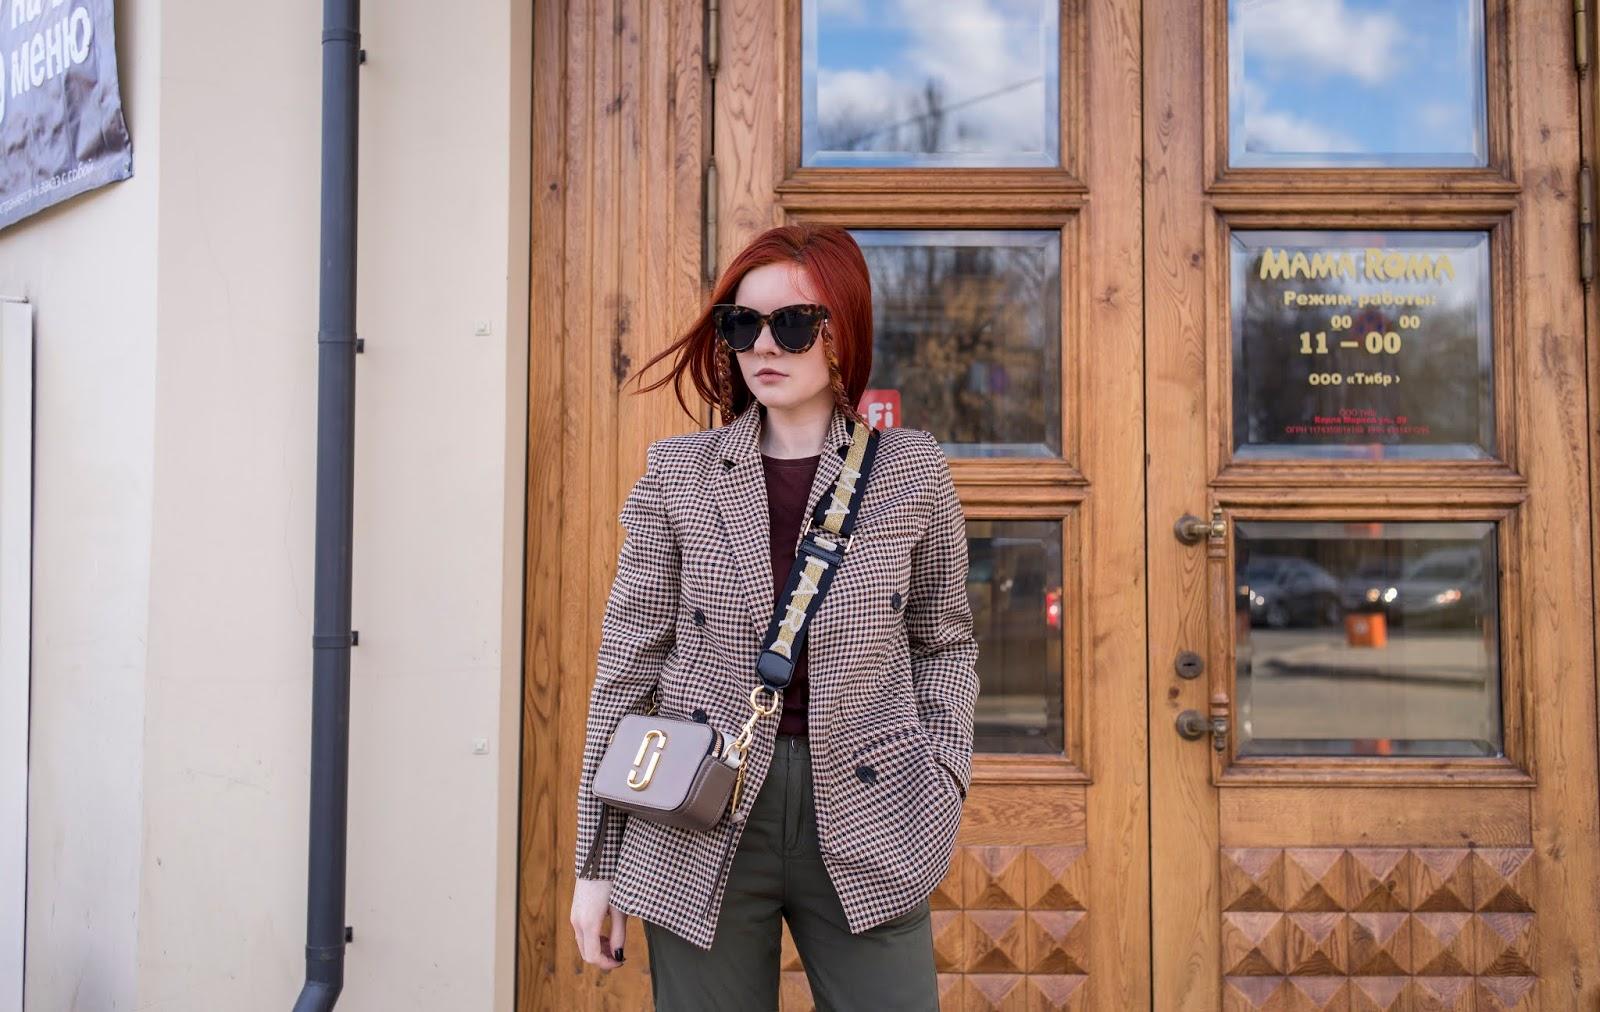 http://www.recklessdiary.ru/2019/05/obuv-krossovki-bosonozhki-myuli-vetnamki-sandalii-trendy-leto-2019-shopbop-vogue.html